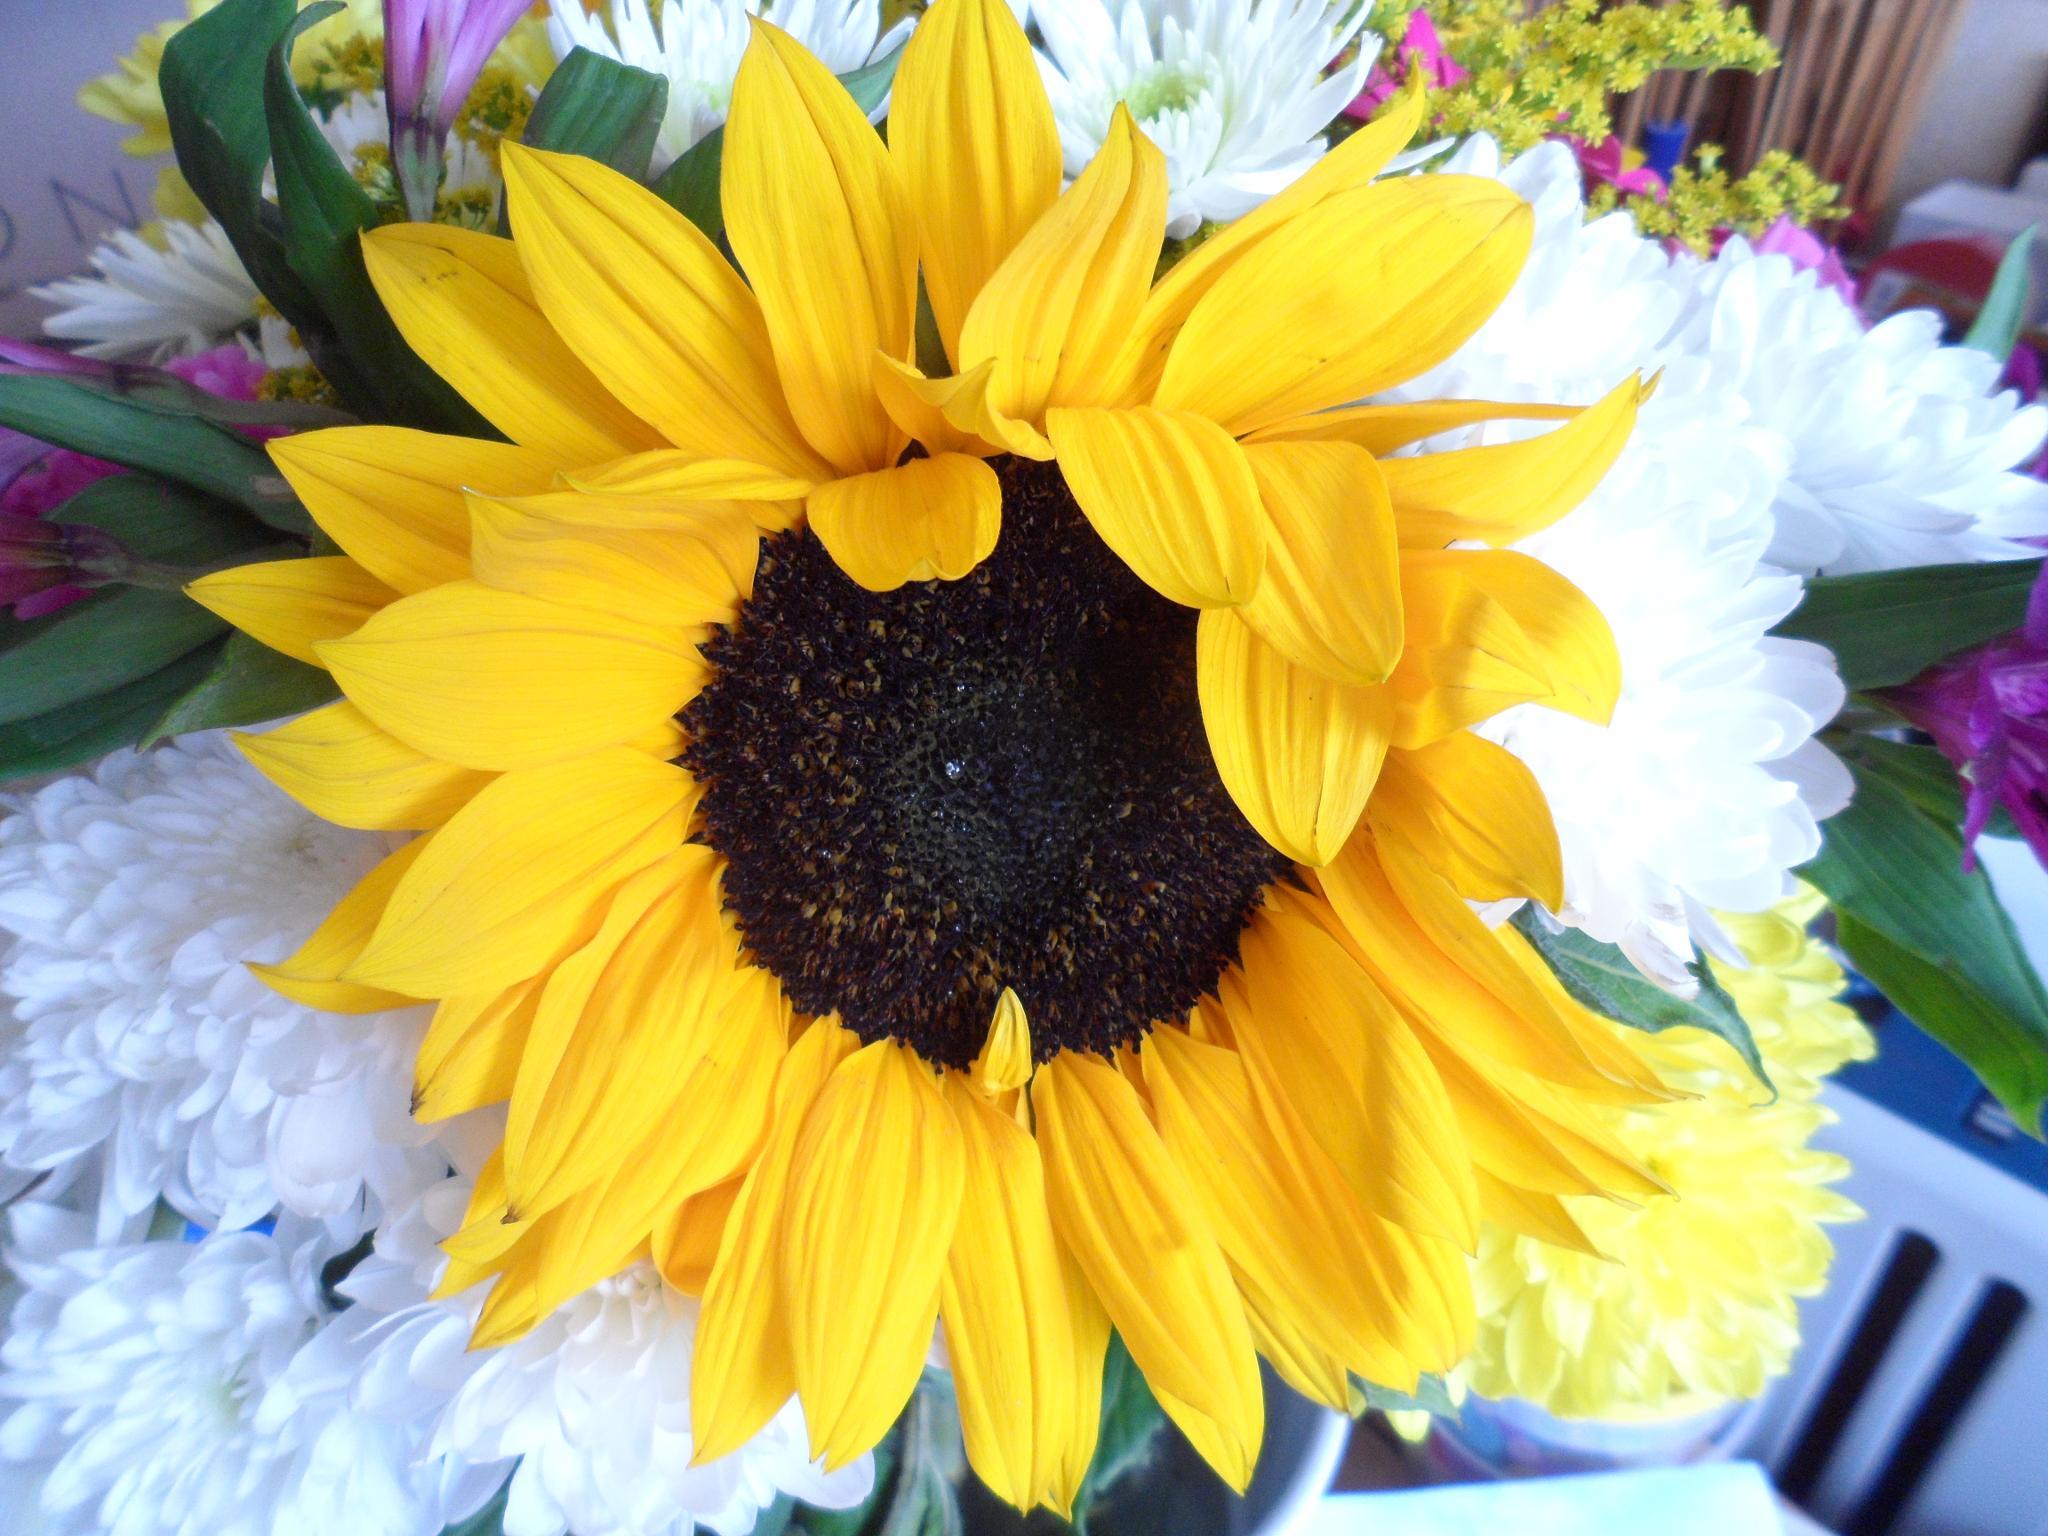 Sunflower in a bouquet  by BeverleyForsyth